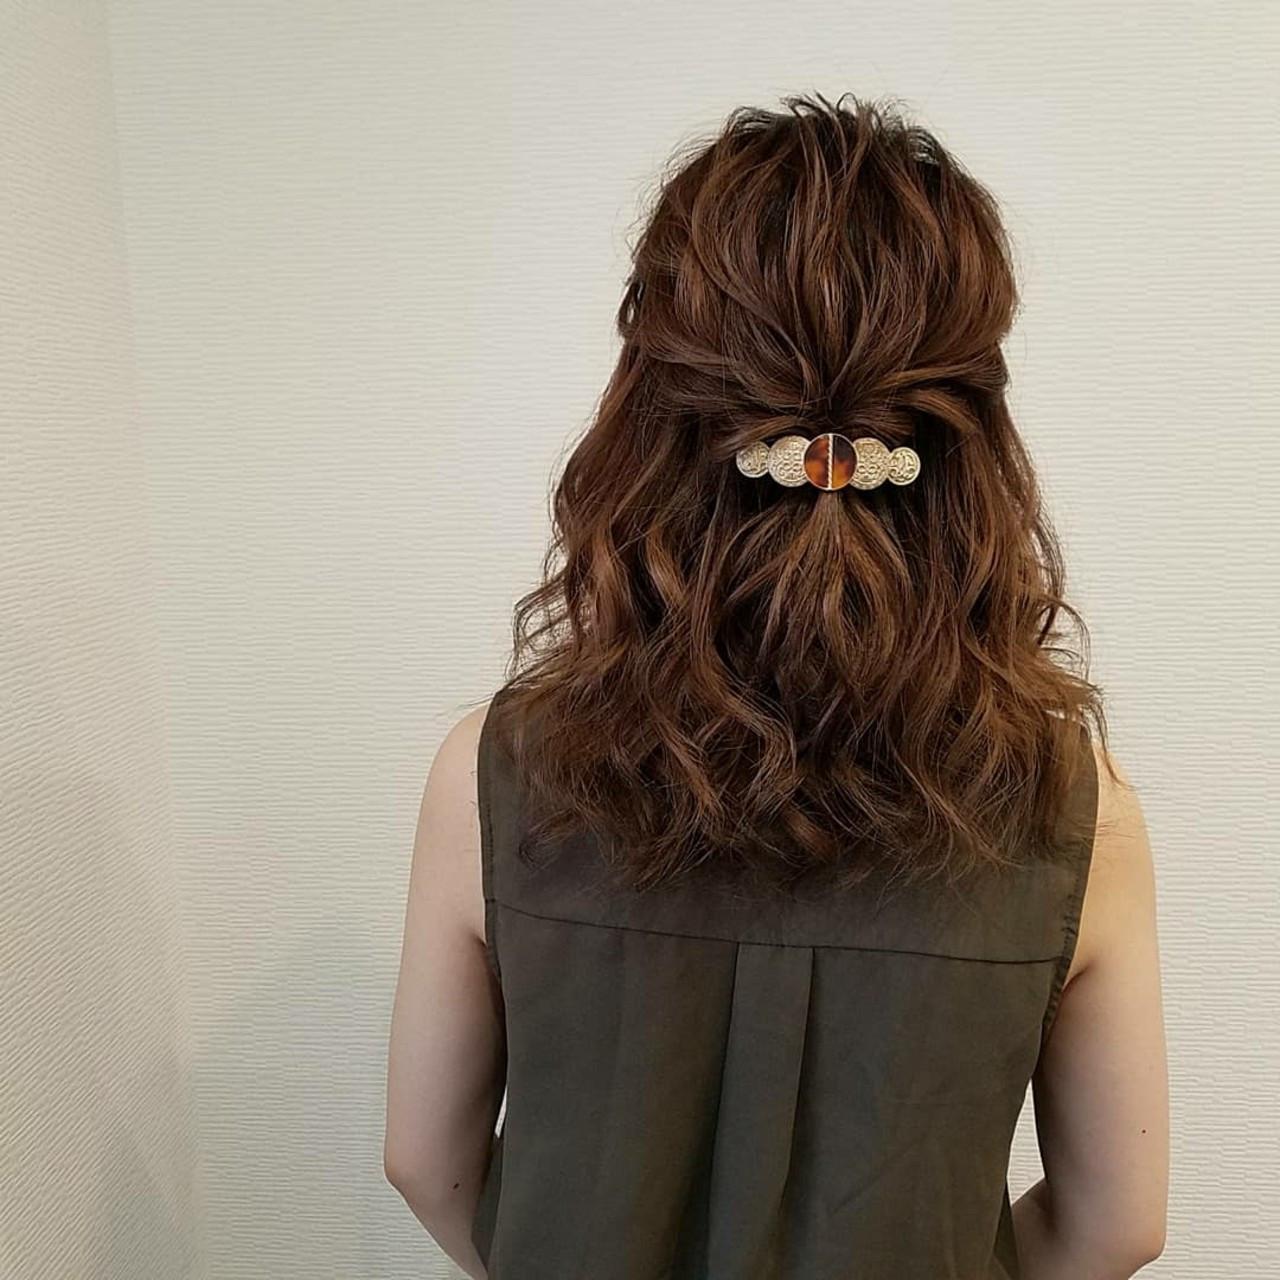 ハーフアップ ねじり フェミニン ミディアム ヘアスタイルや髪型の写真・画像